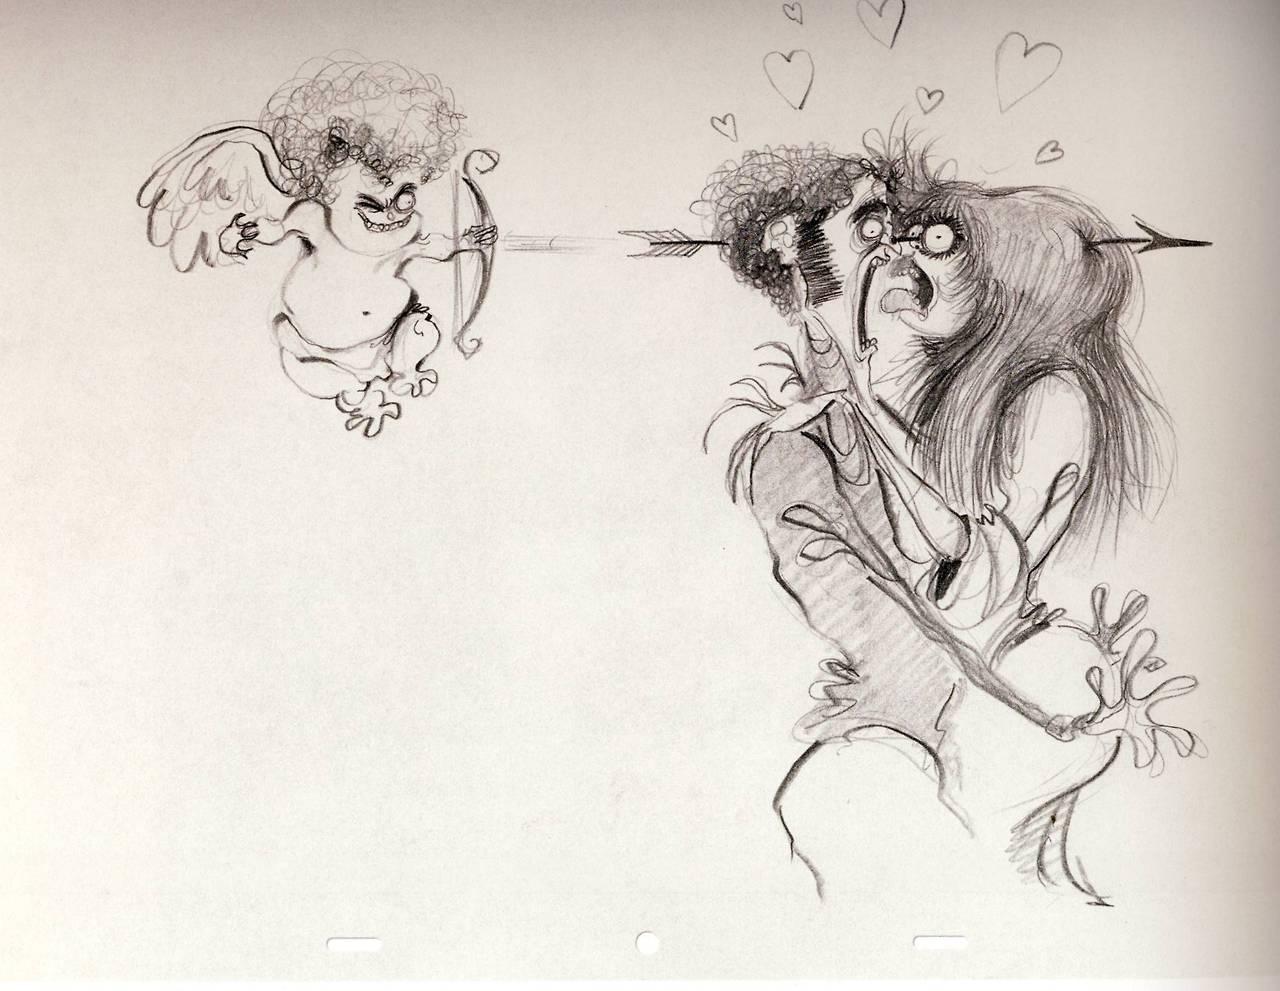 ralph-steadman-art-gallery-love